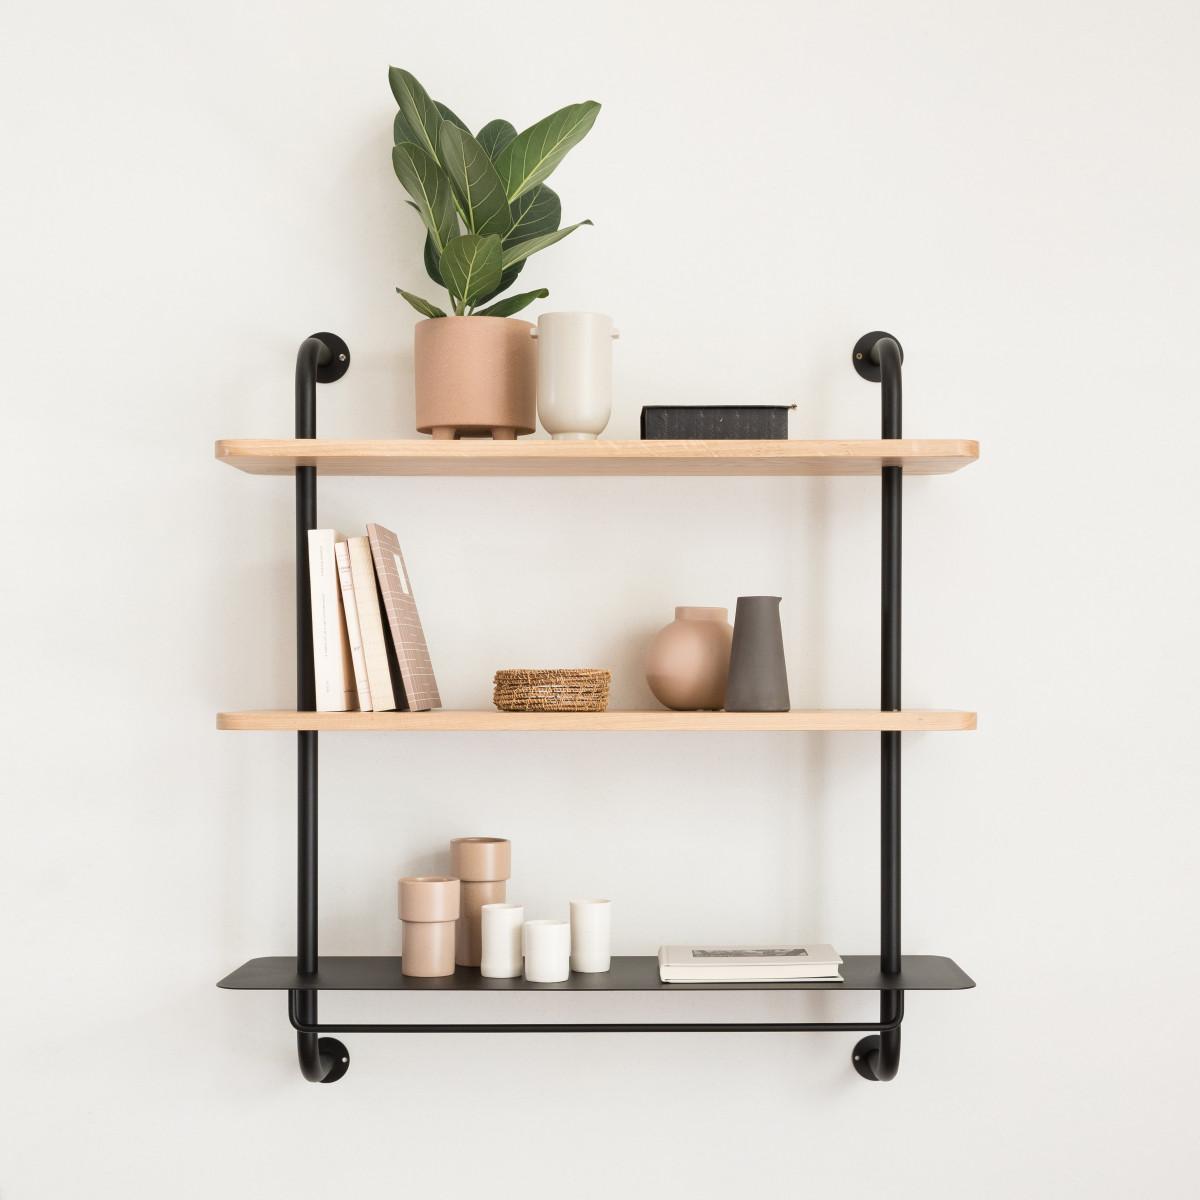 Du tube en métal noir et des planches en bois blond forment des étagères pratiques